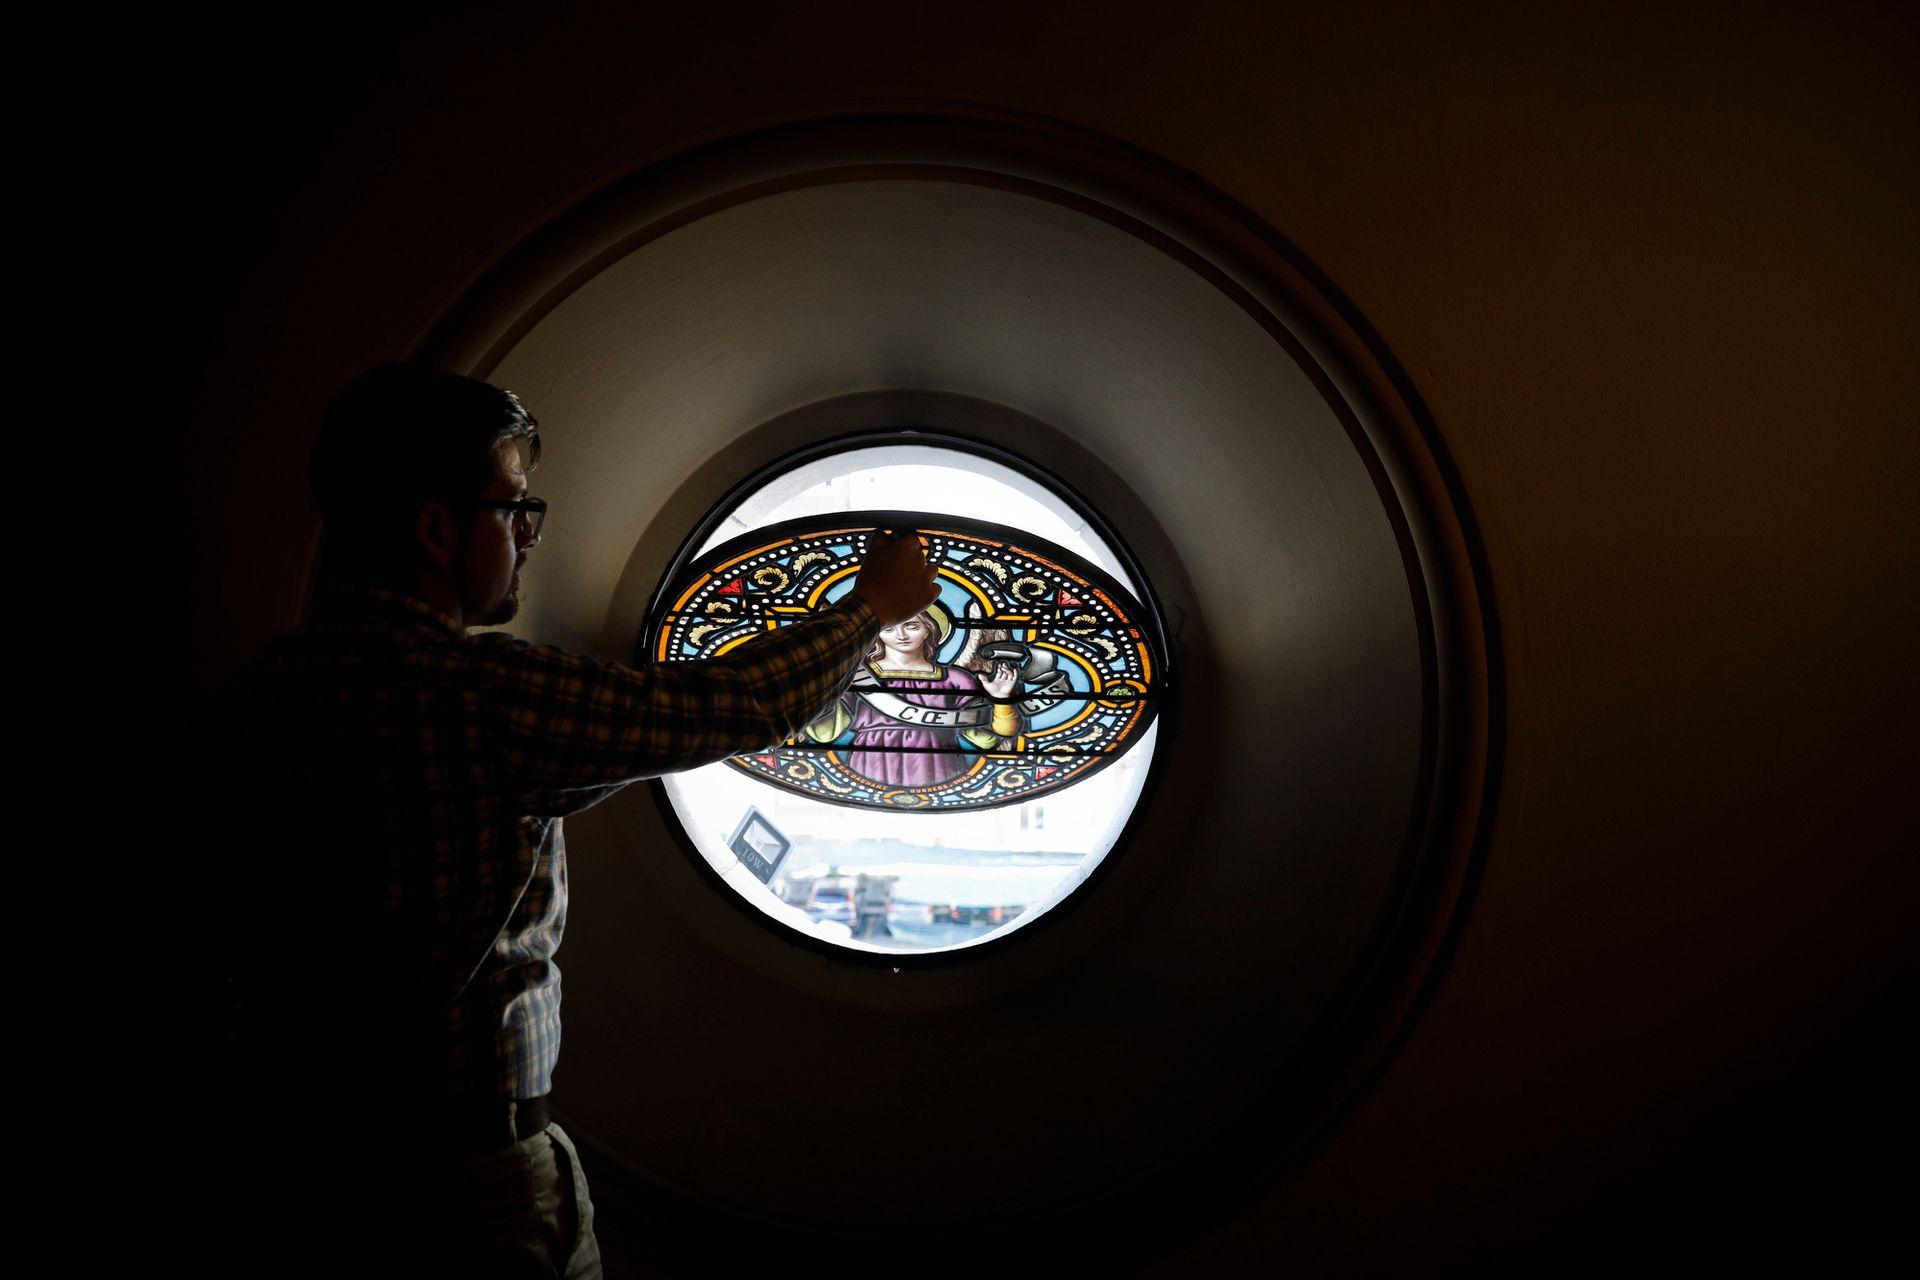 Uno de los vitrales que decoran el primer piso de la Basílica